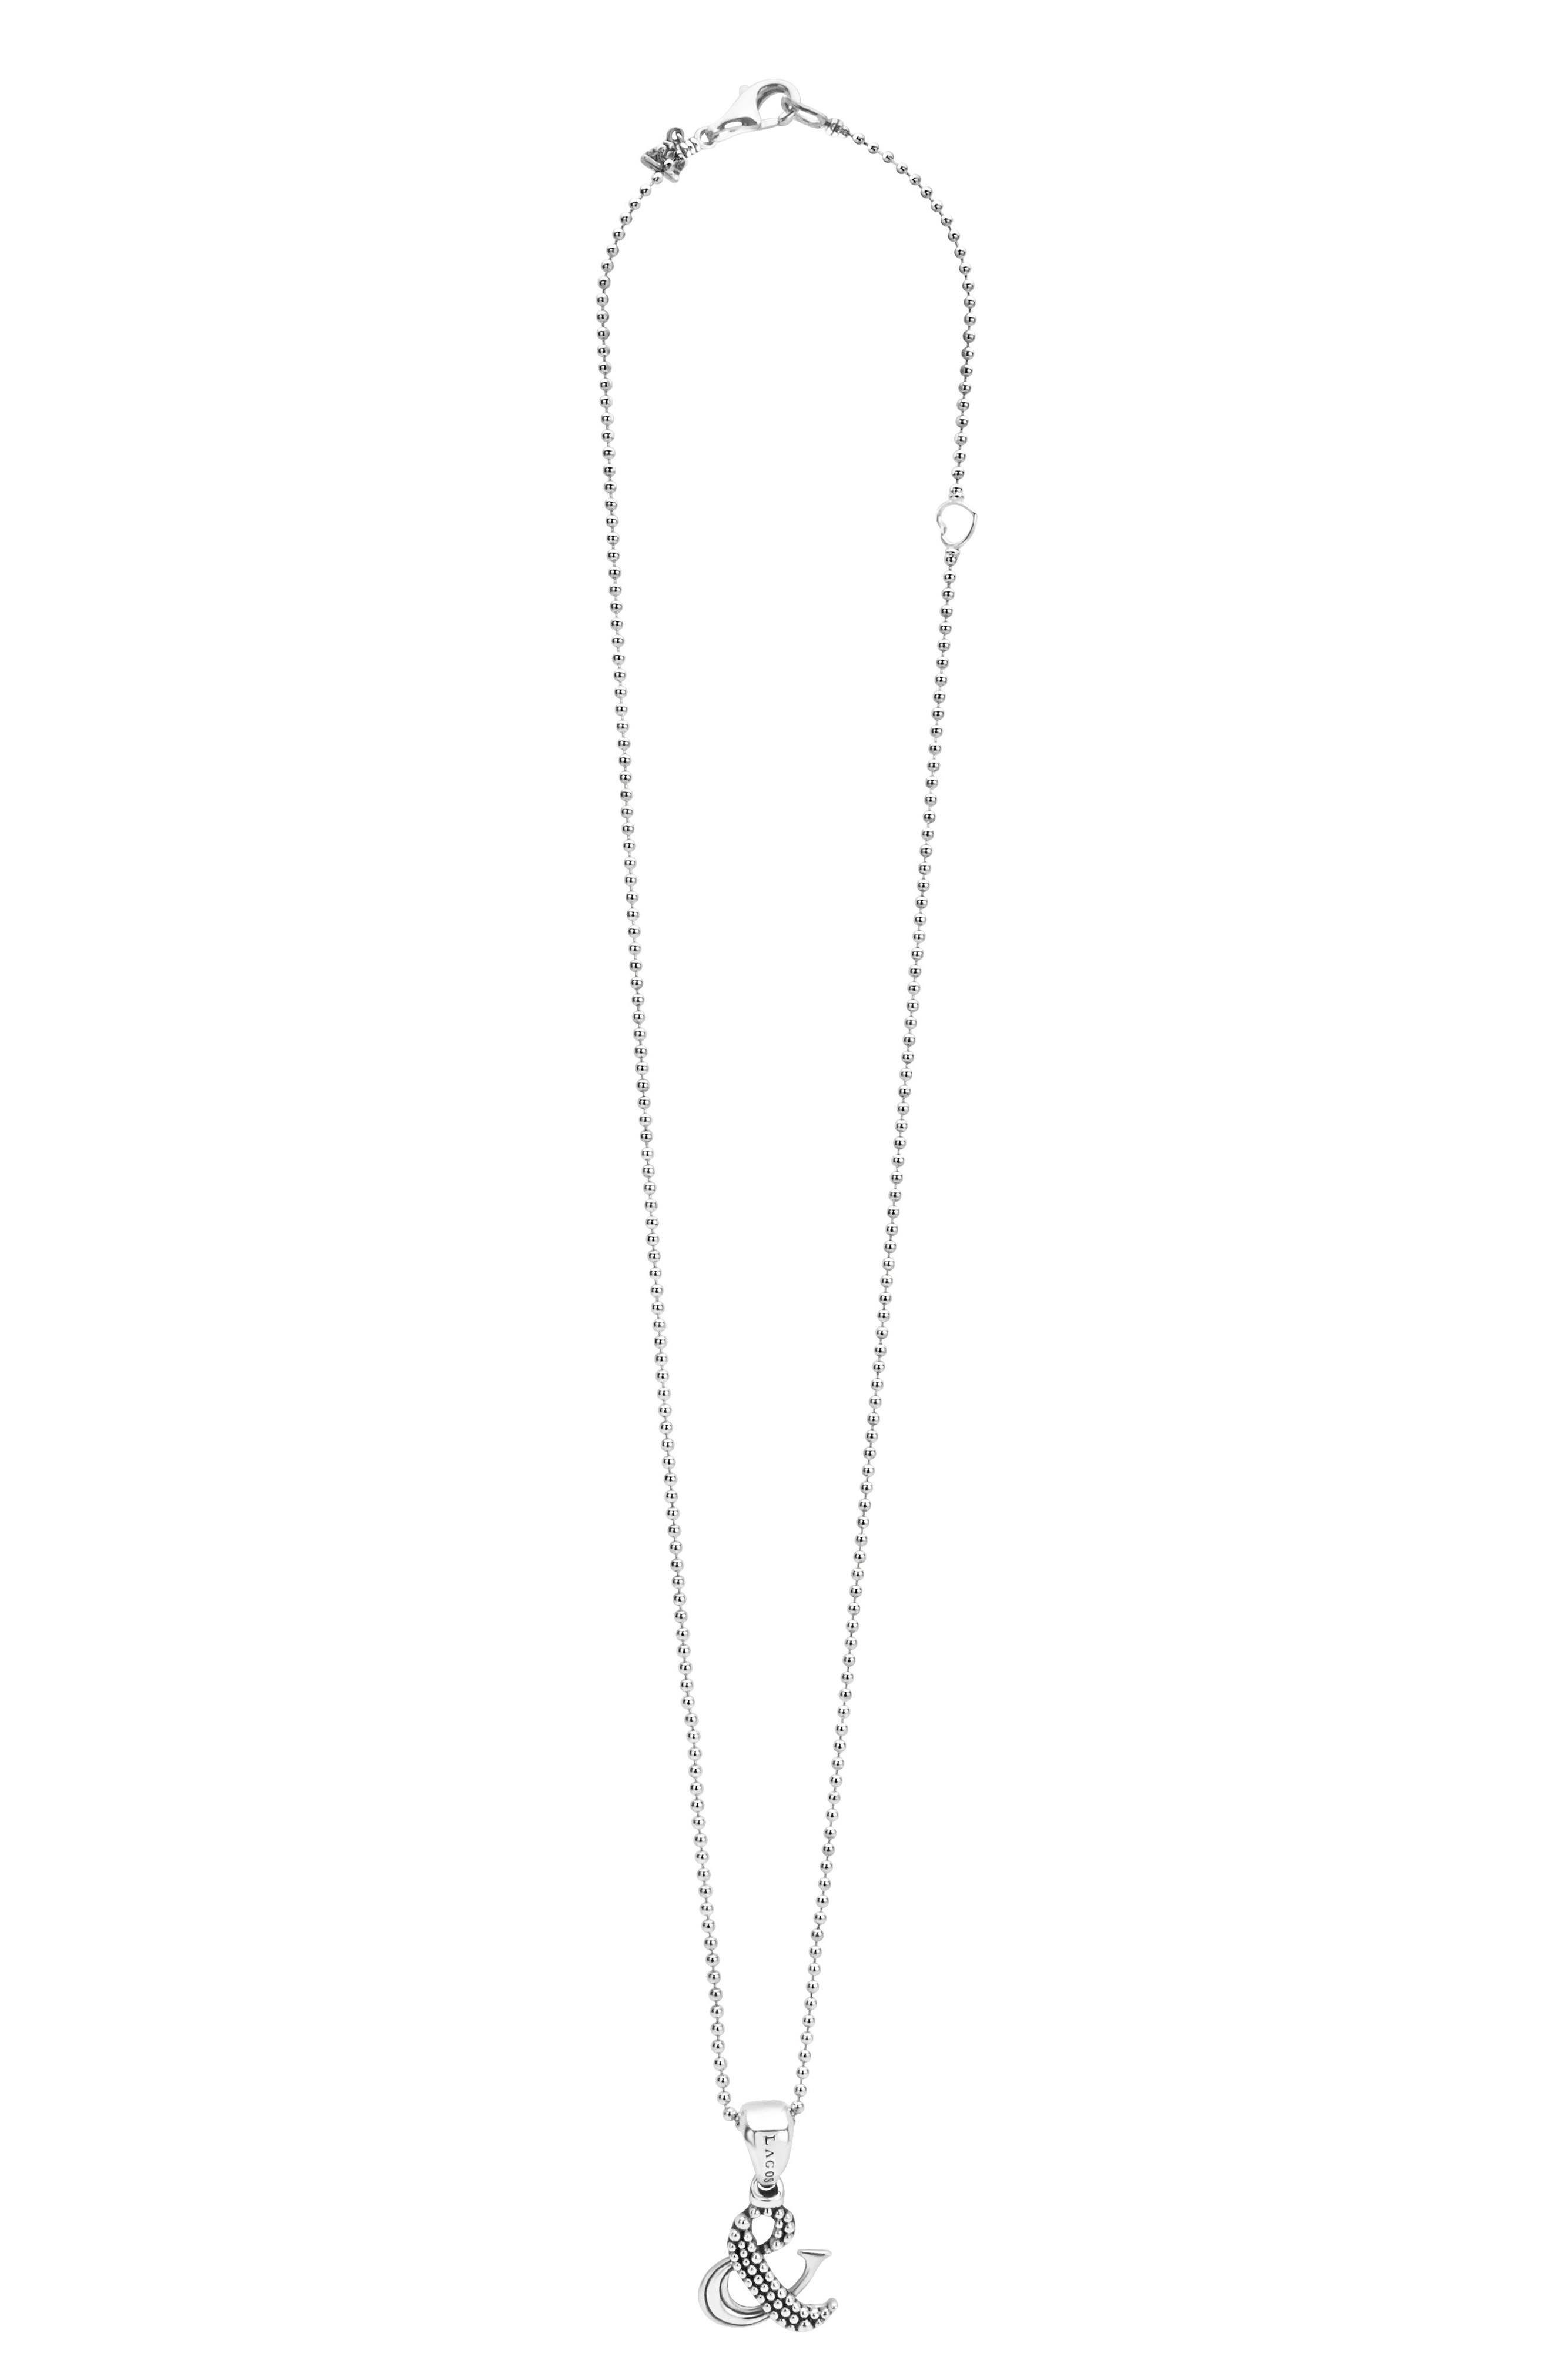 'Beloved' Ampersand Pendant Necklace,                             Alternate thumbnail 4, color,                             STERLING SILVER